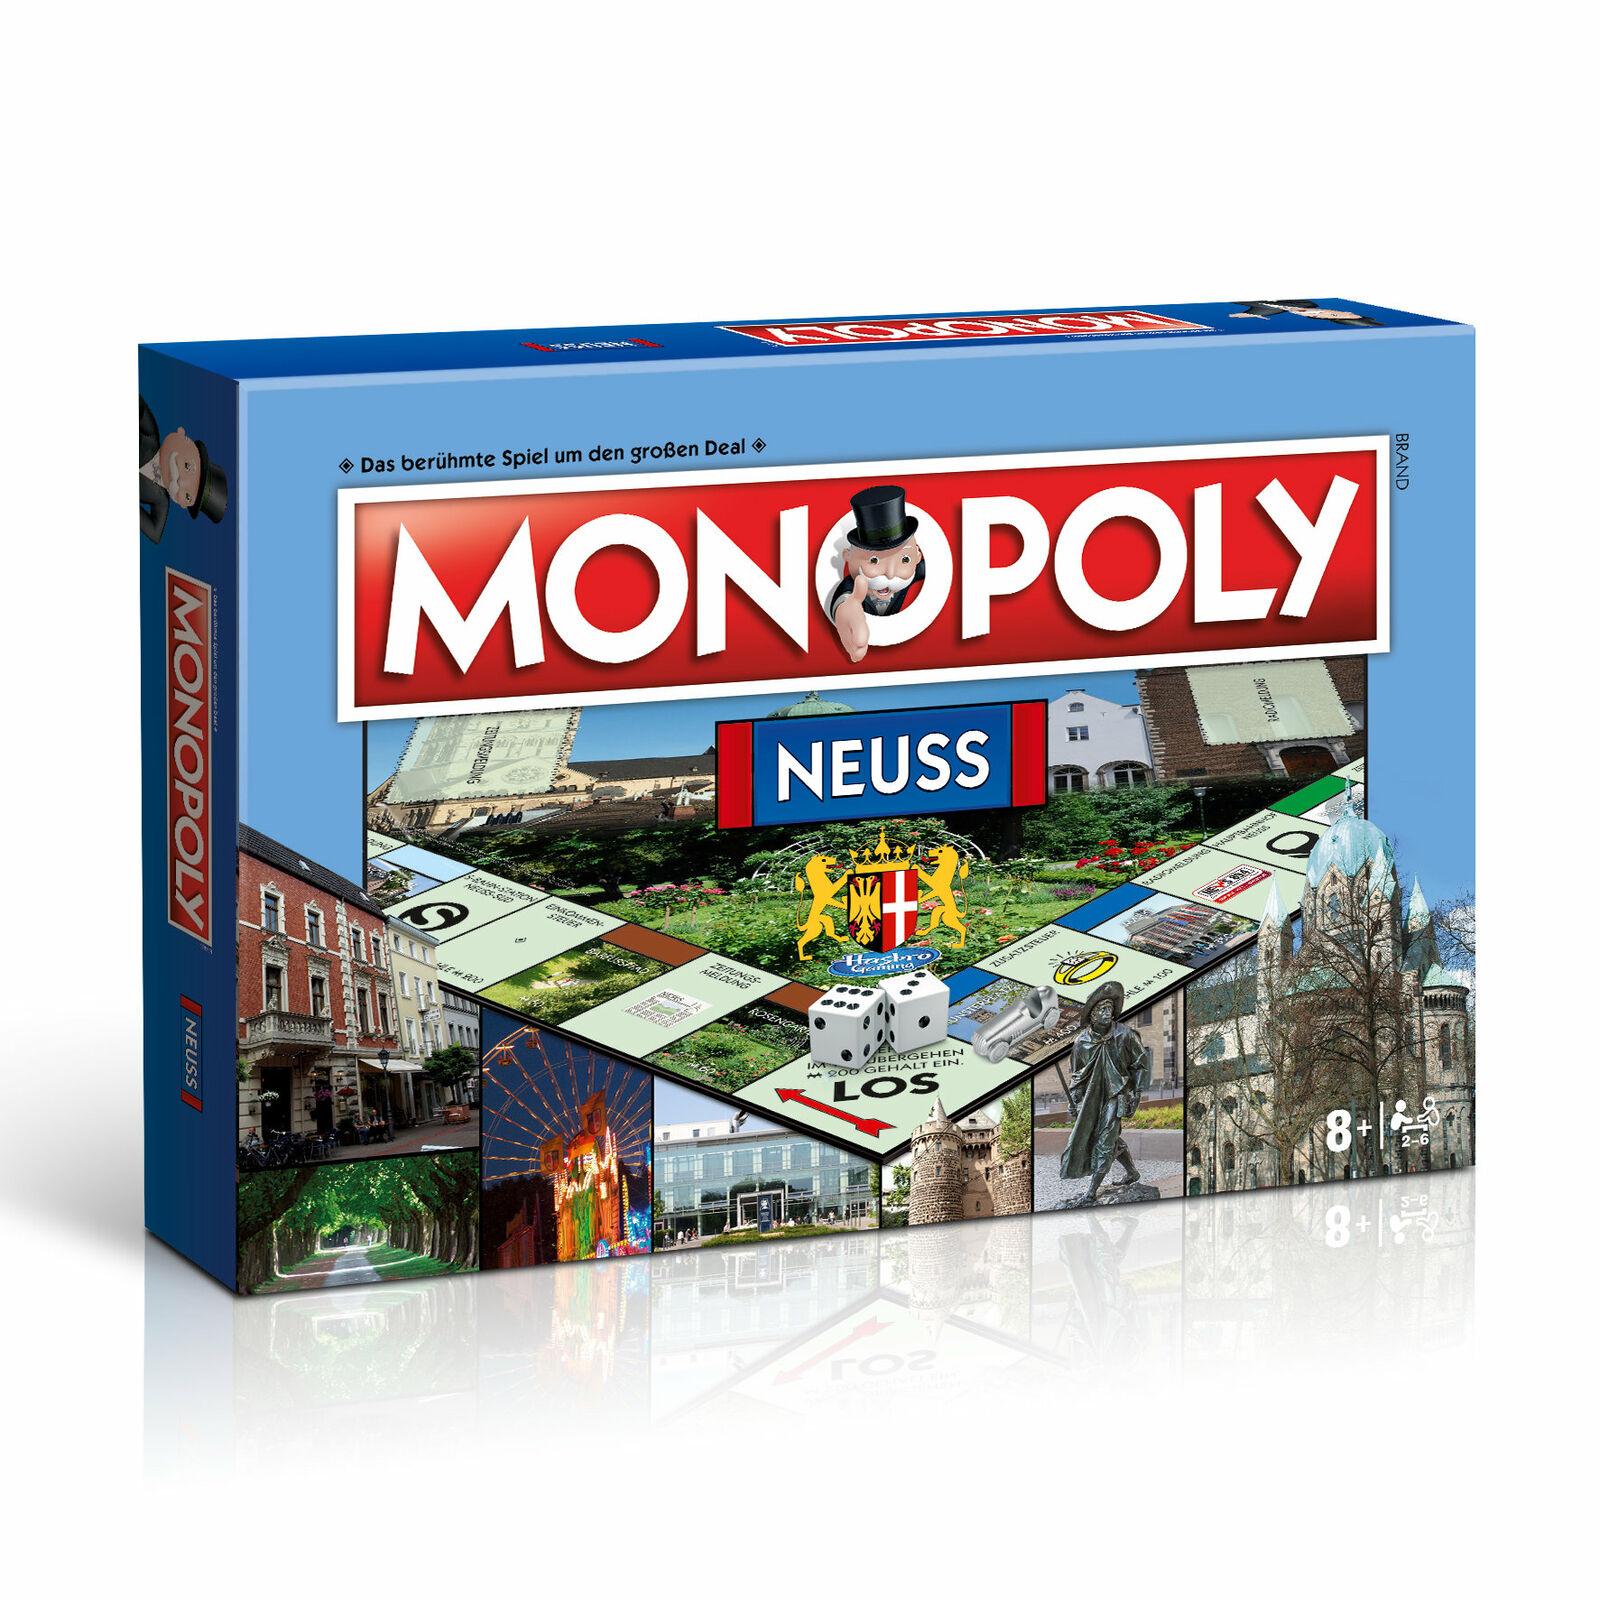 Monopoly Neuss città Edizione Stadtedizione Gioco Gioco di Società  Gioco da Tavola  n ° 1 online